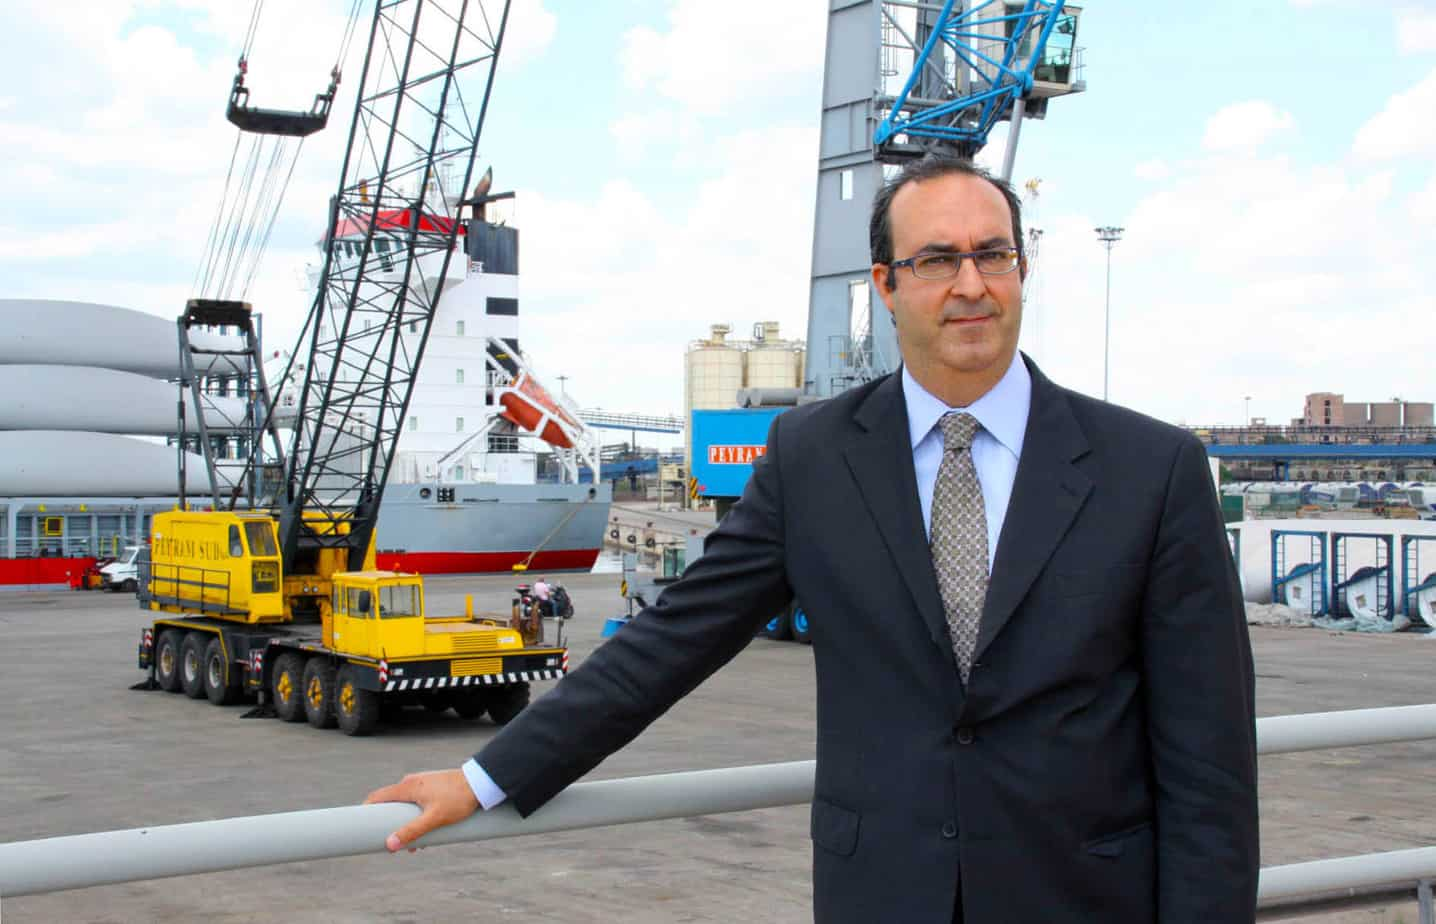 Il Prof. Avv. Sergio Prete, Presidente dell'Autorità Portuale e Commissario Straordinario del porto di Taranto